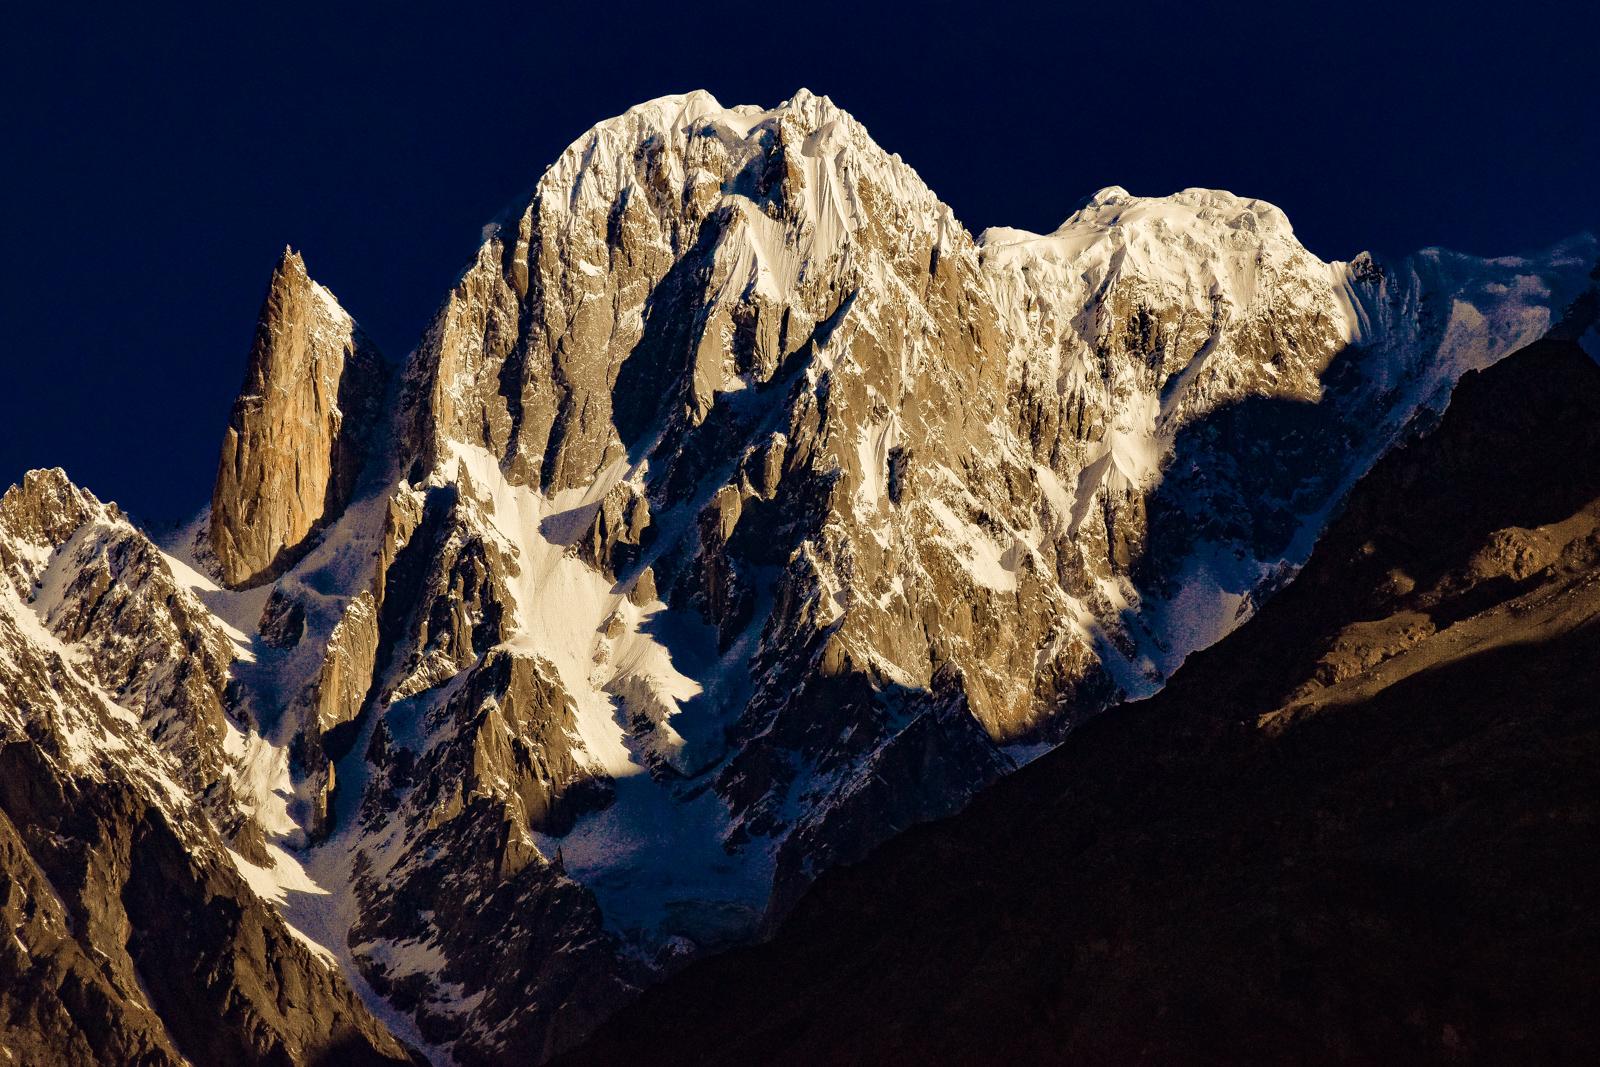 フンザ背後に聳えるフンザピーク(6,270m)とレディフィンガー(6,000m)の勇姿